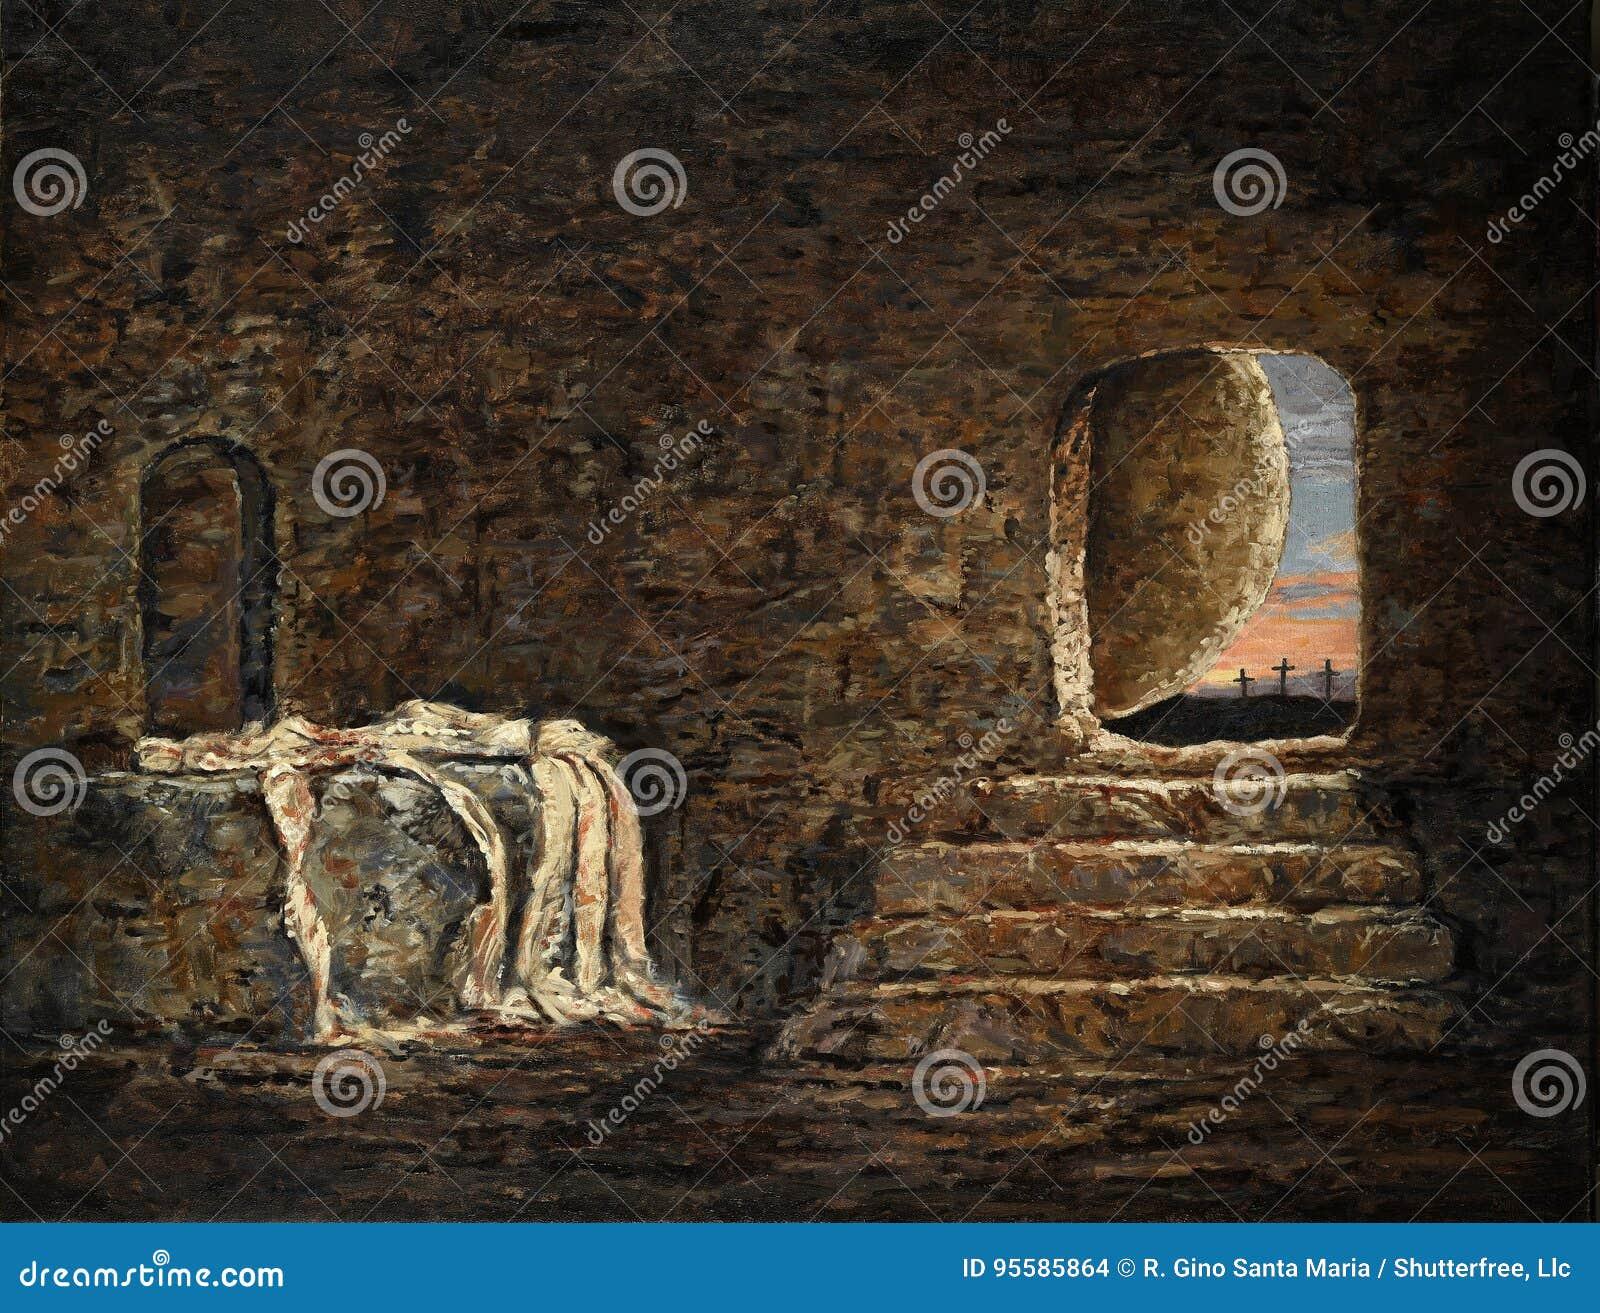 La pittura vuota della tomba